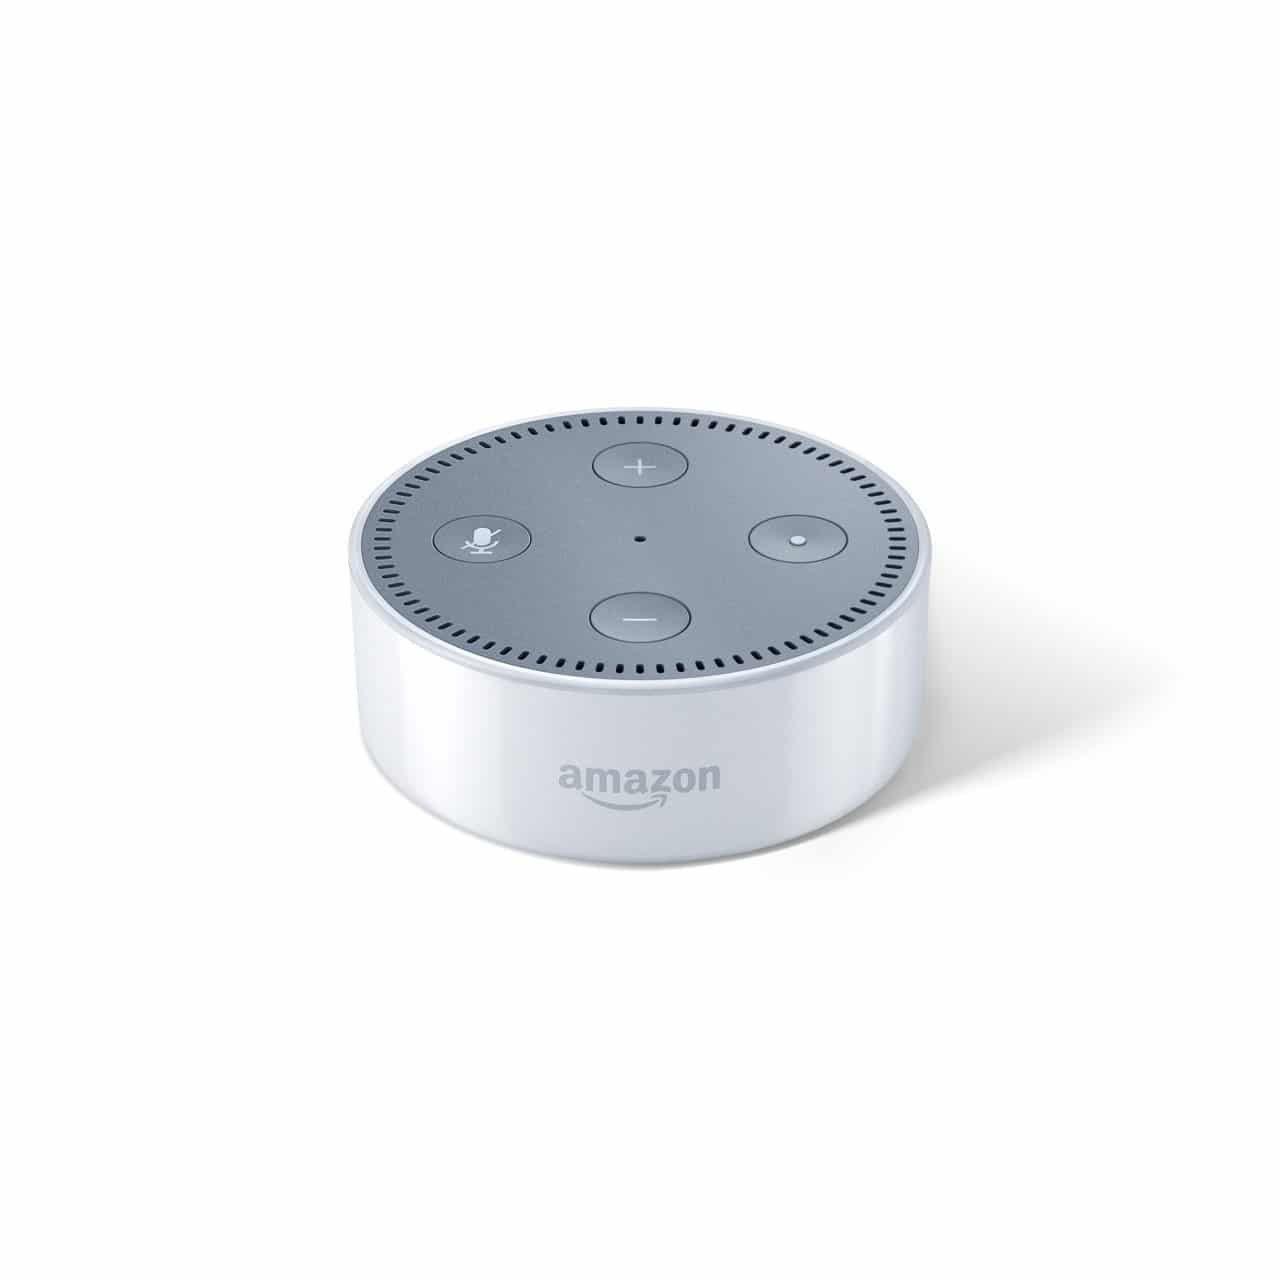 Amazon Echo Dot - weiß, Vorderansicht (1) - Amazon Presse